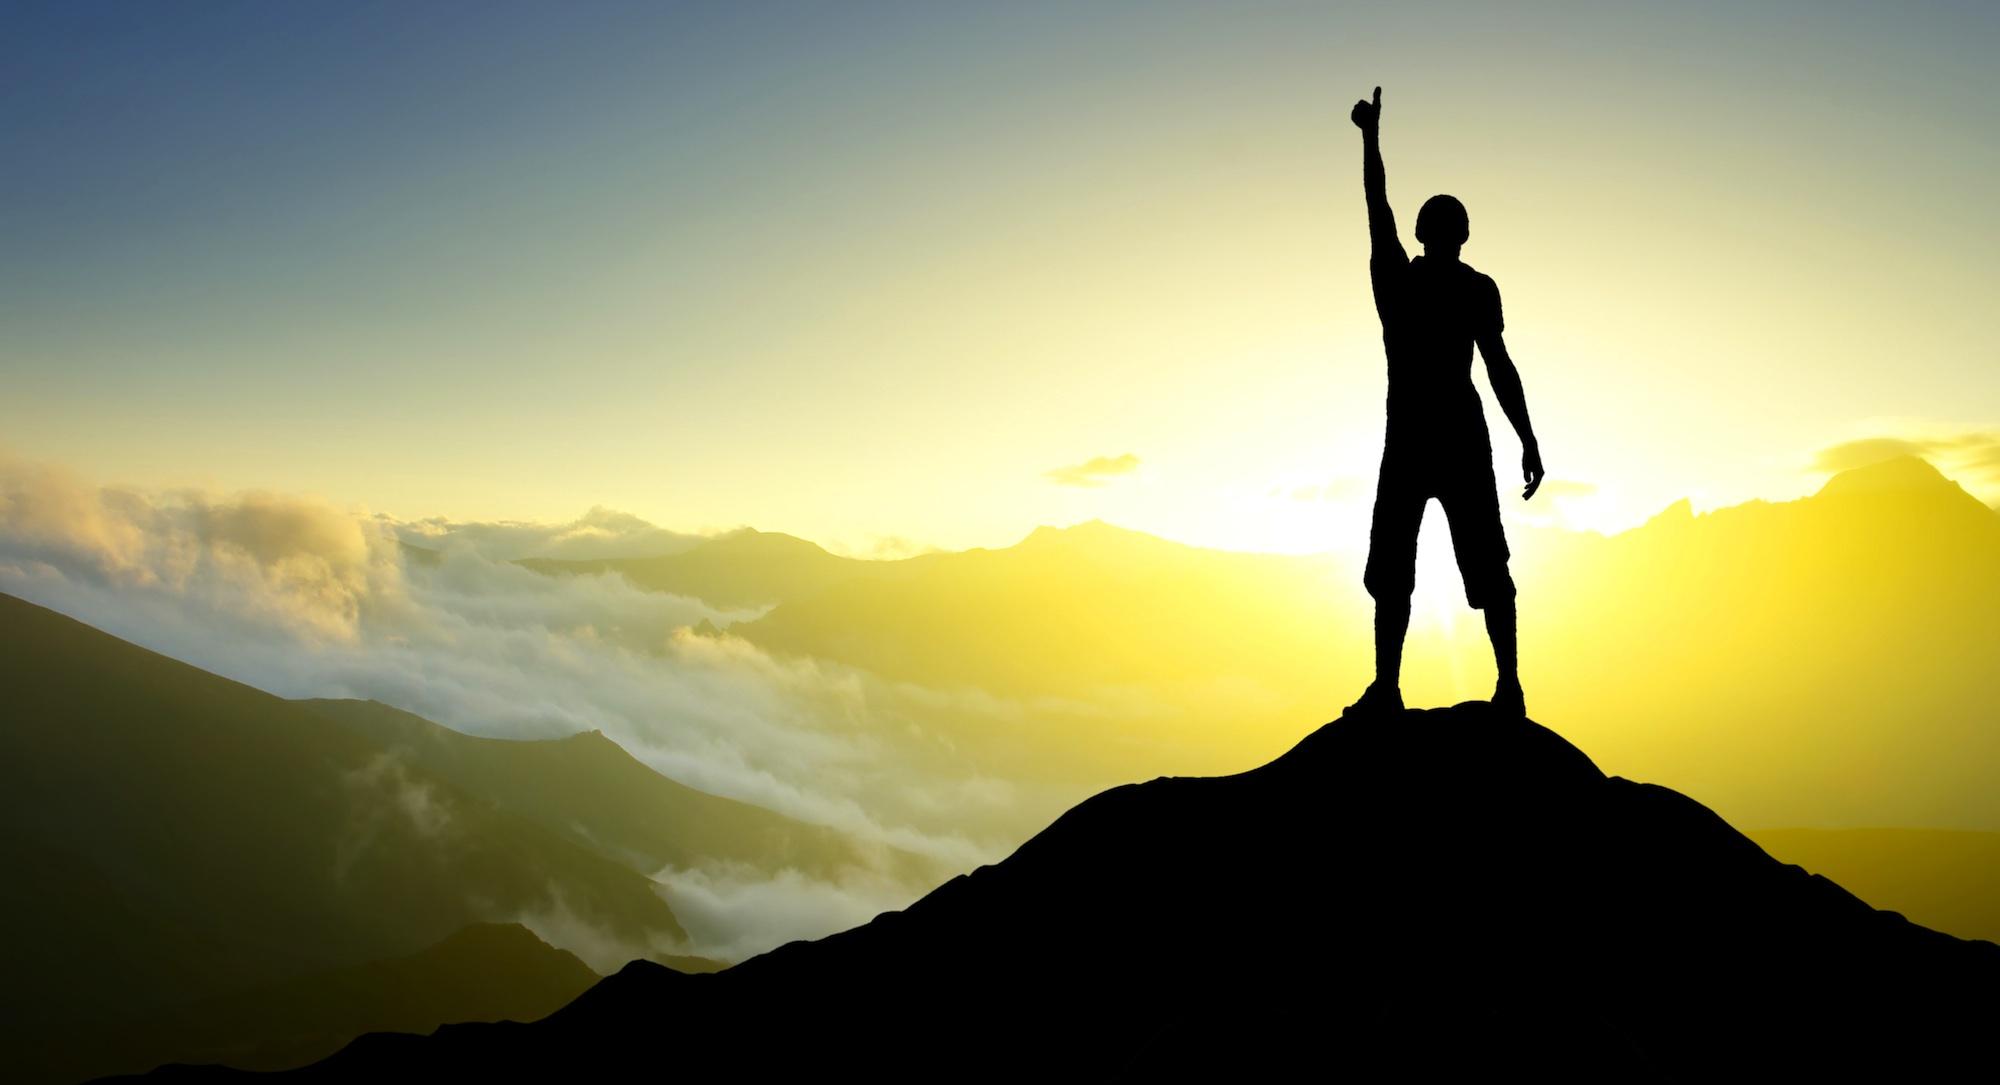 10 کار ناراحت کننده که شمارا خوشحال و موفق میسازد